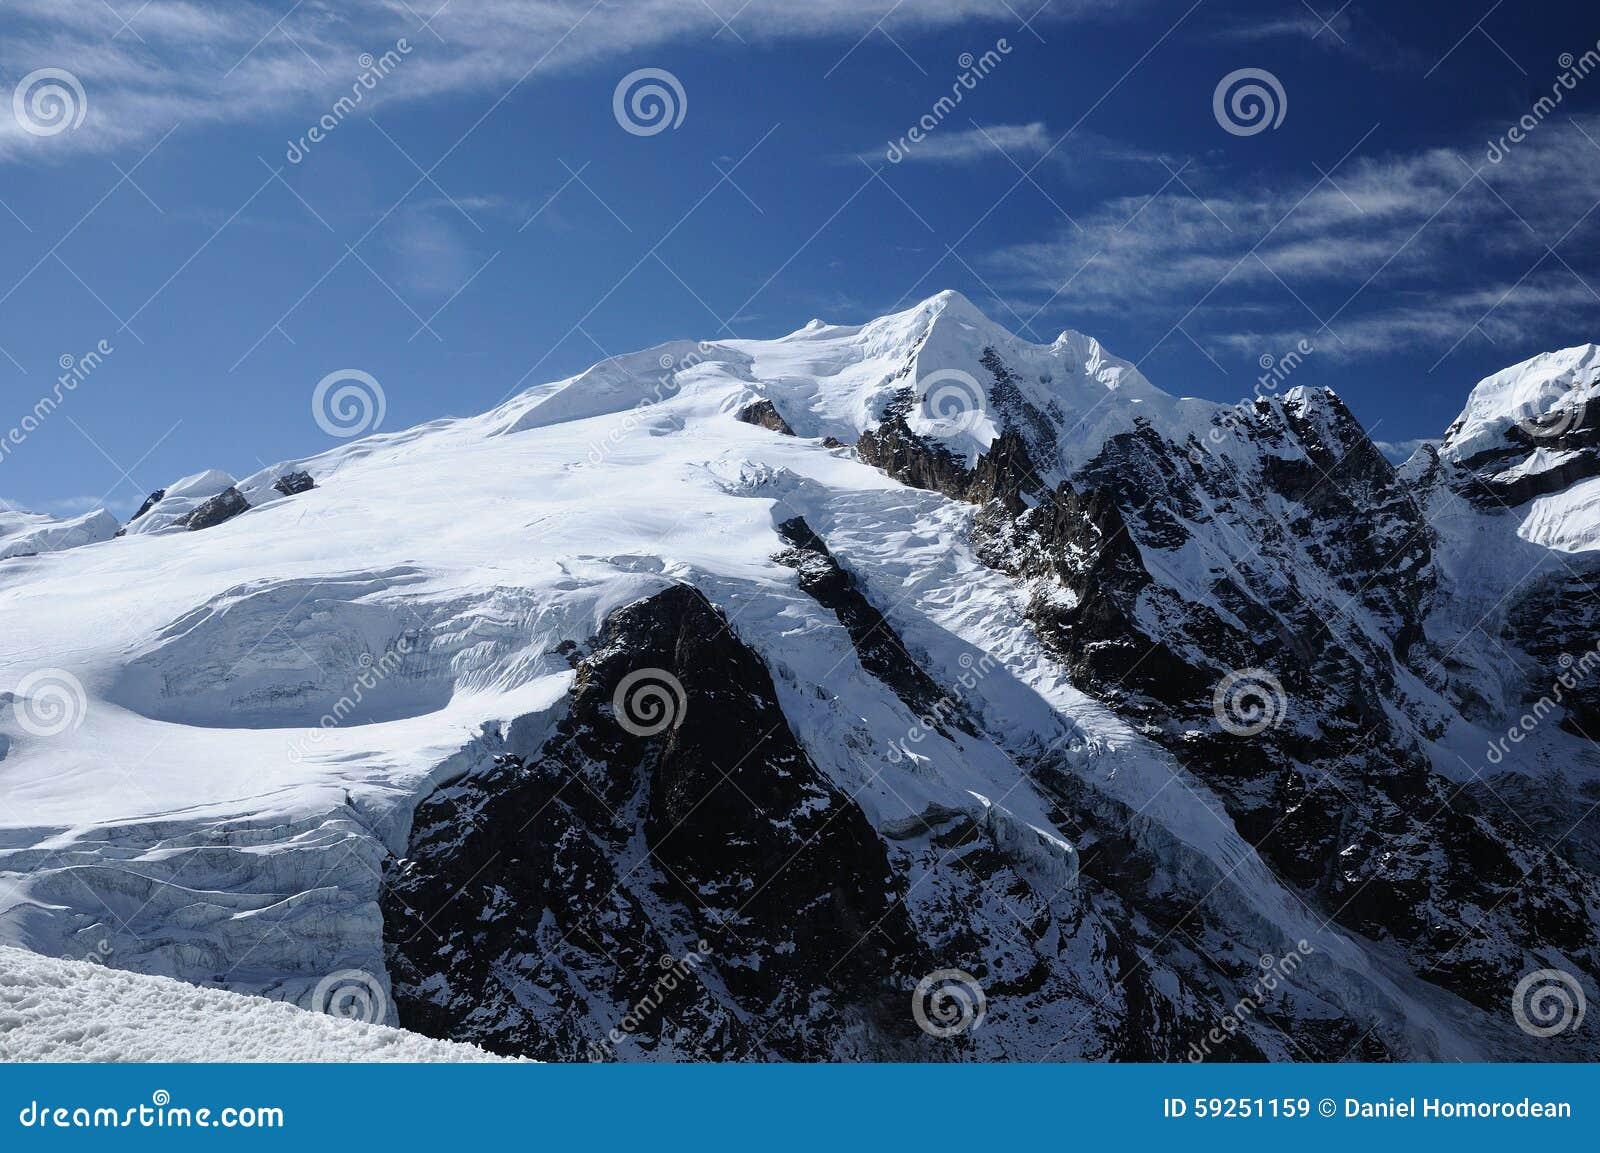 Mera Peak seen from Mera La